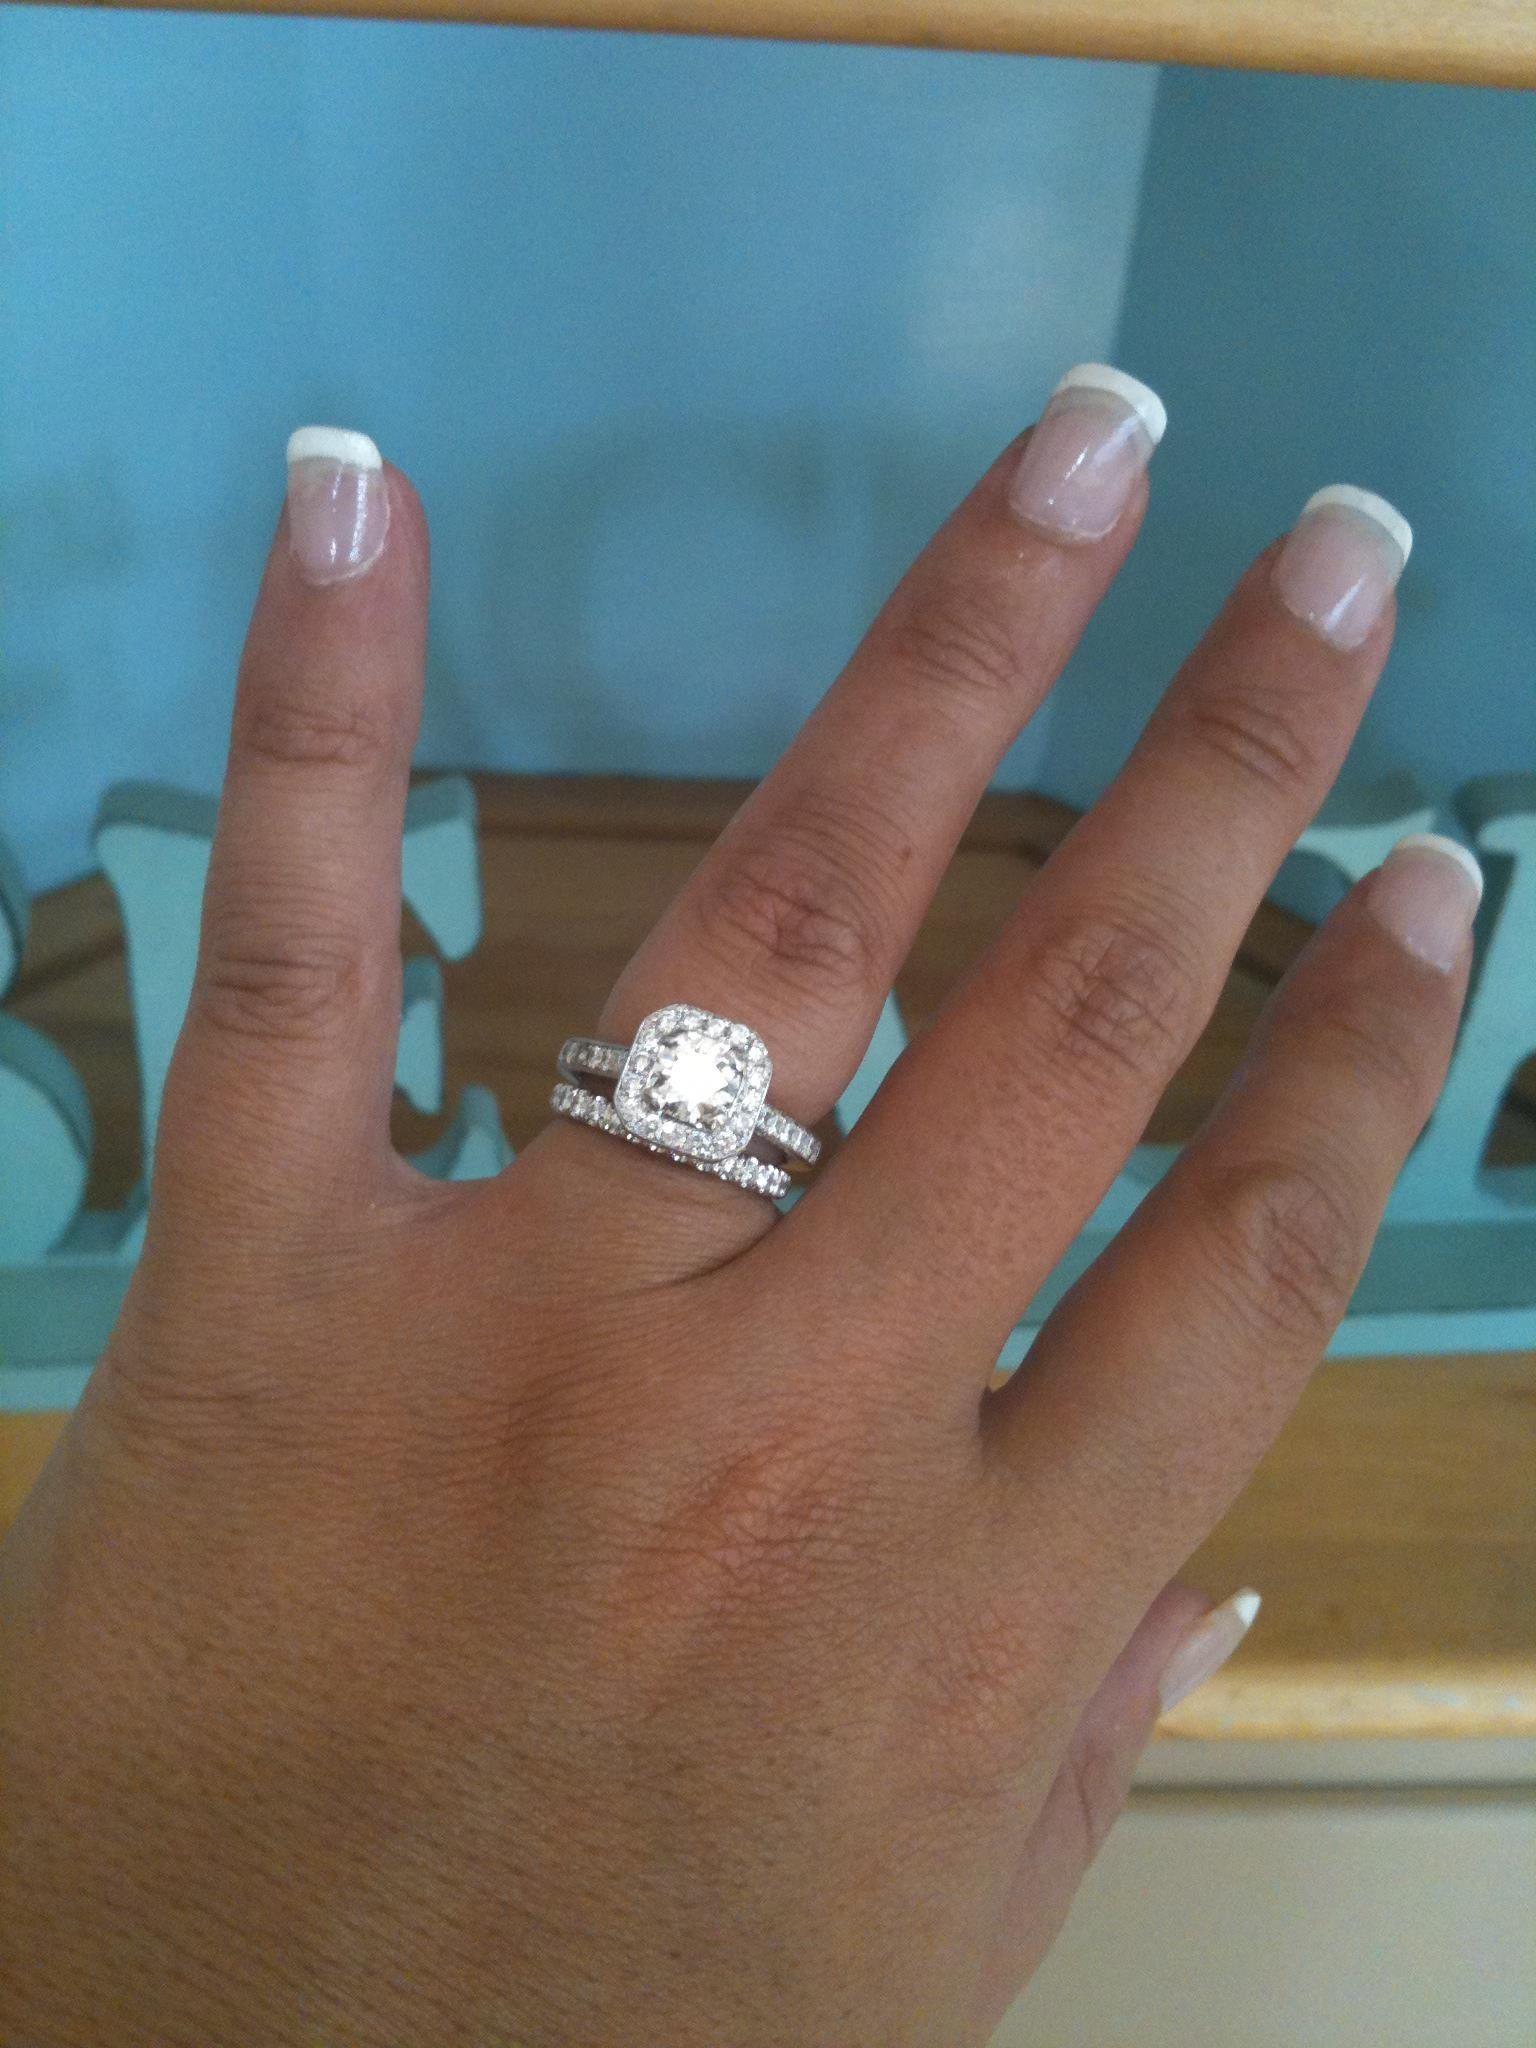 Round diamond inside square diamond ring. Wedding rings